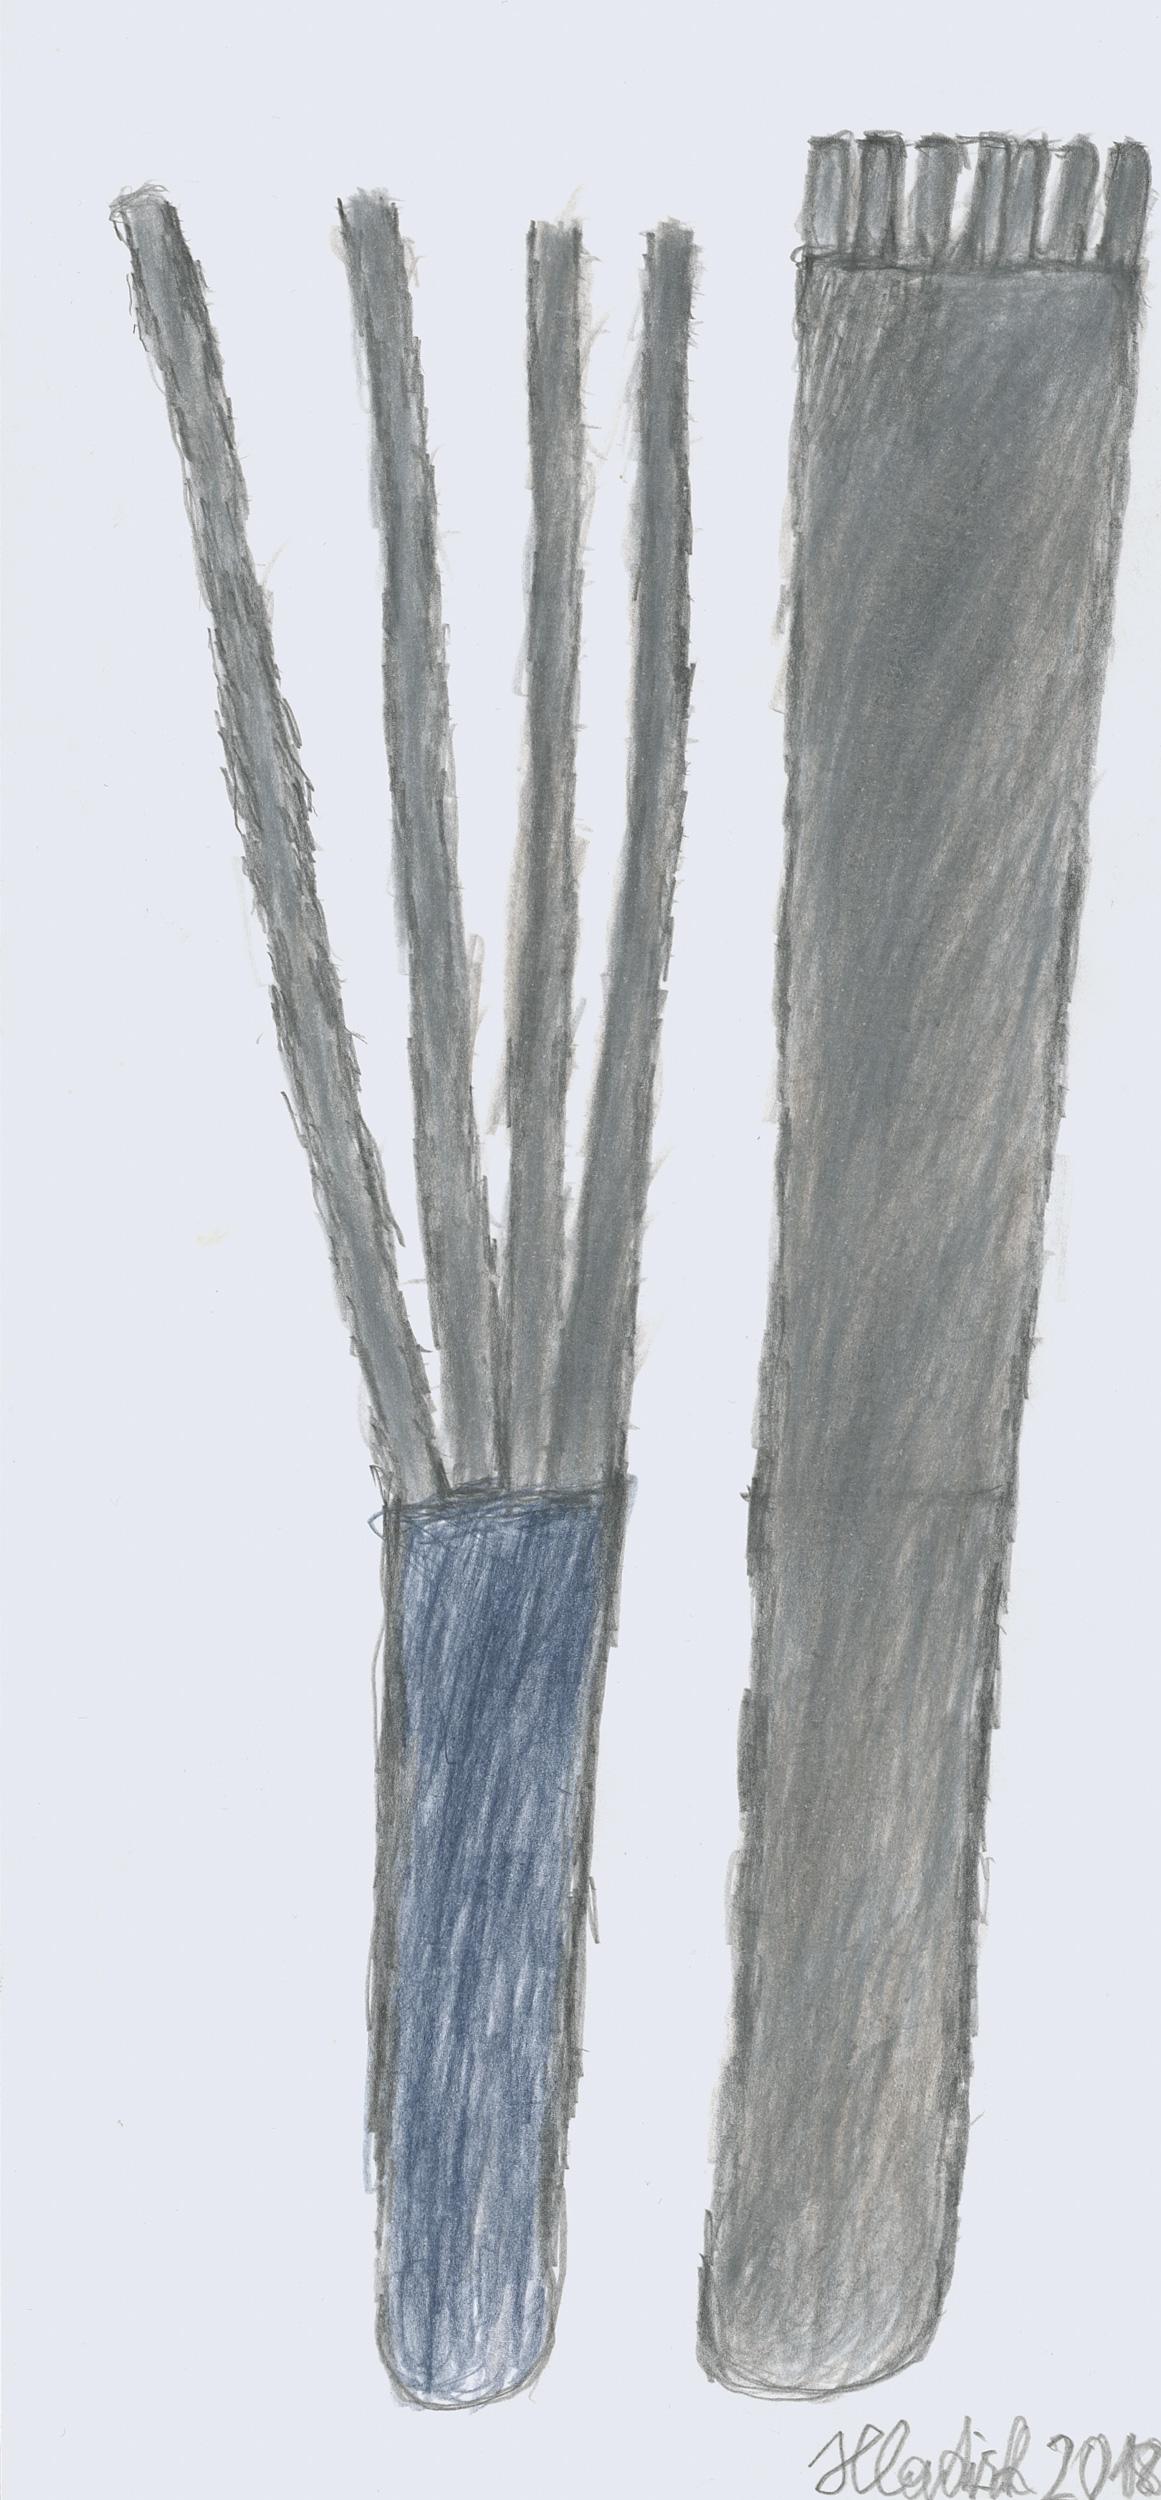 hladisch helmut - Gabel + messer / folk + knife